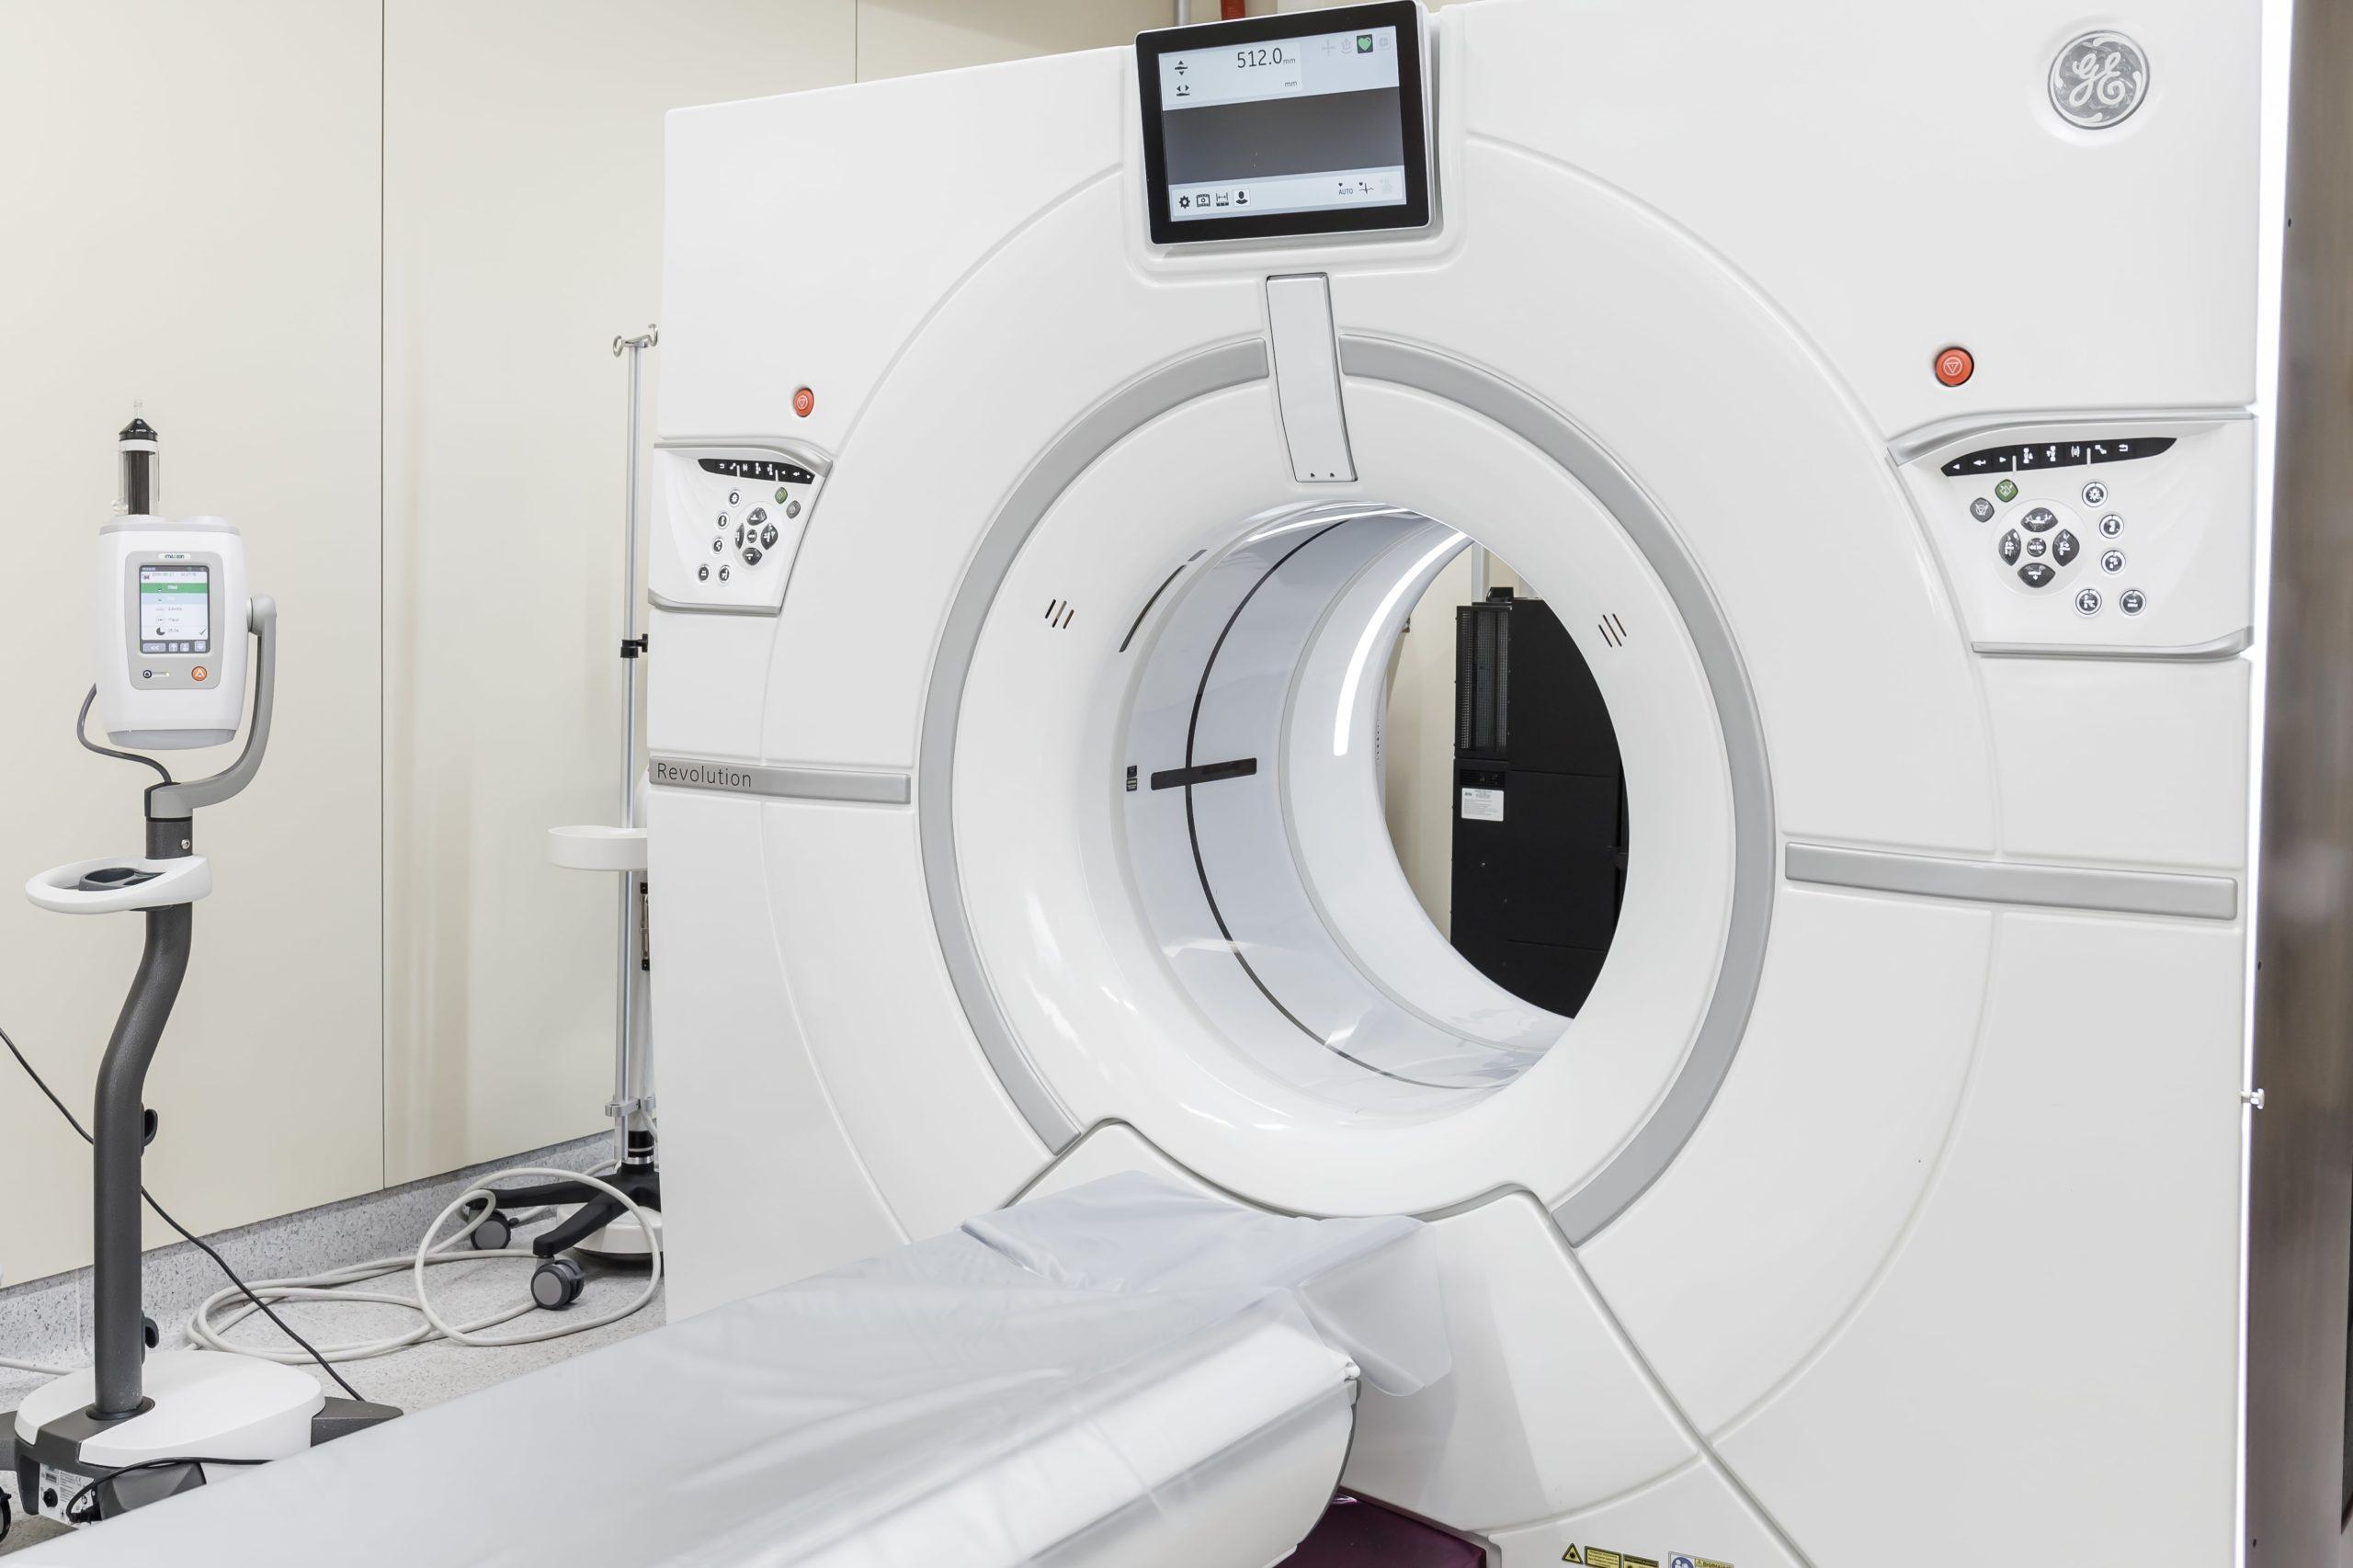 На ремонт томографа Ржевской ЦРБ выделено 750 тысяч рублей